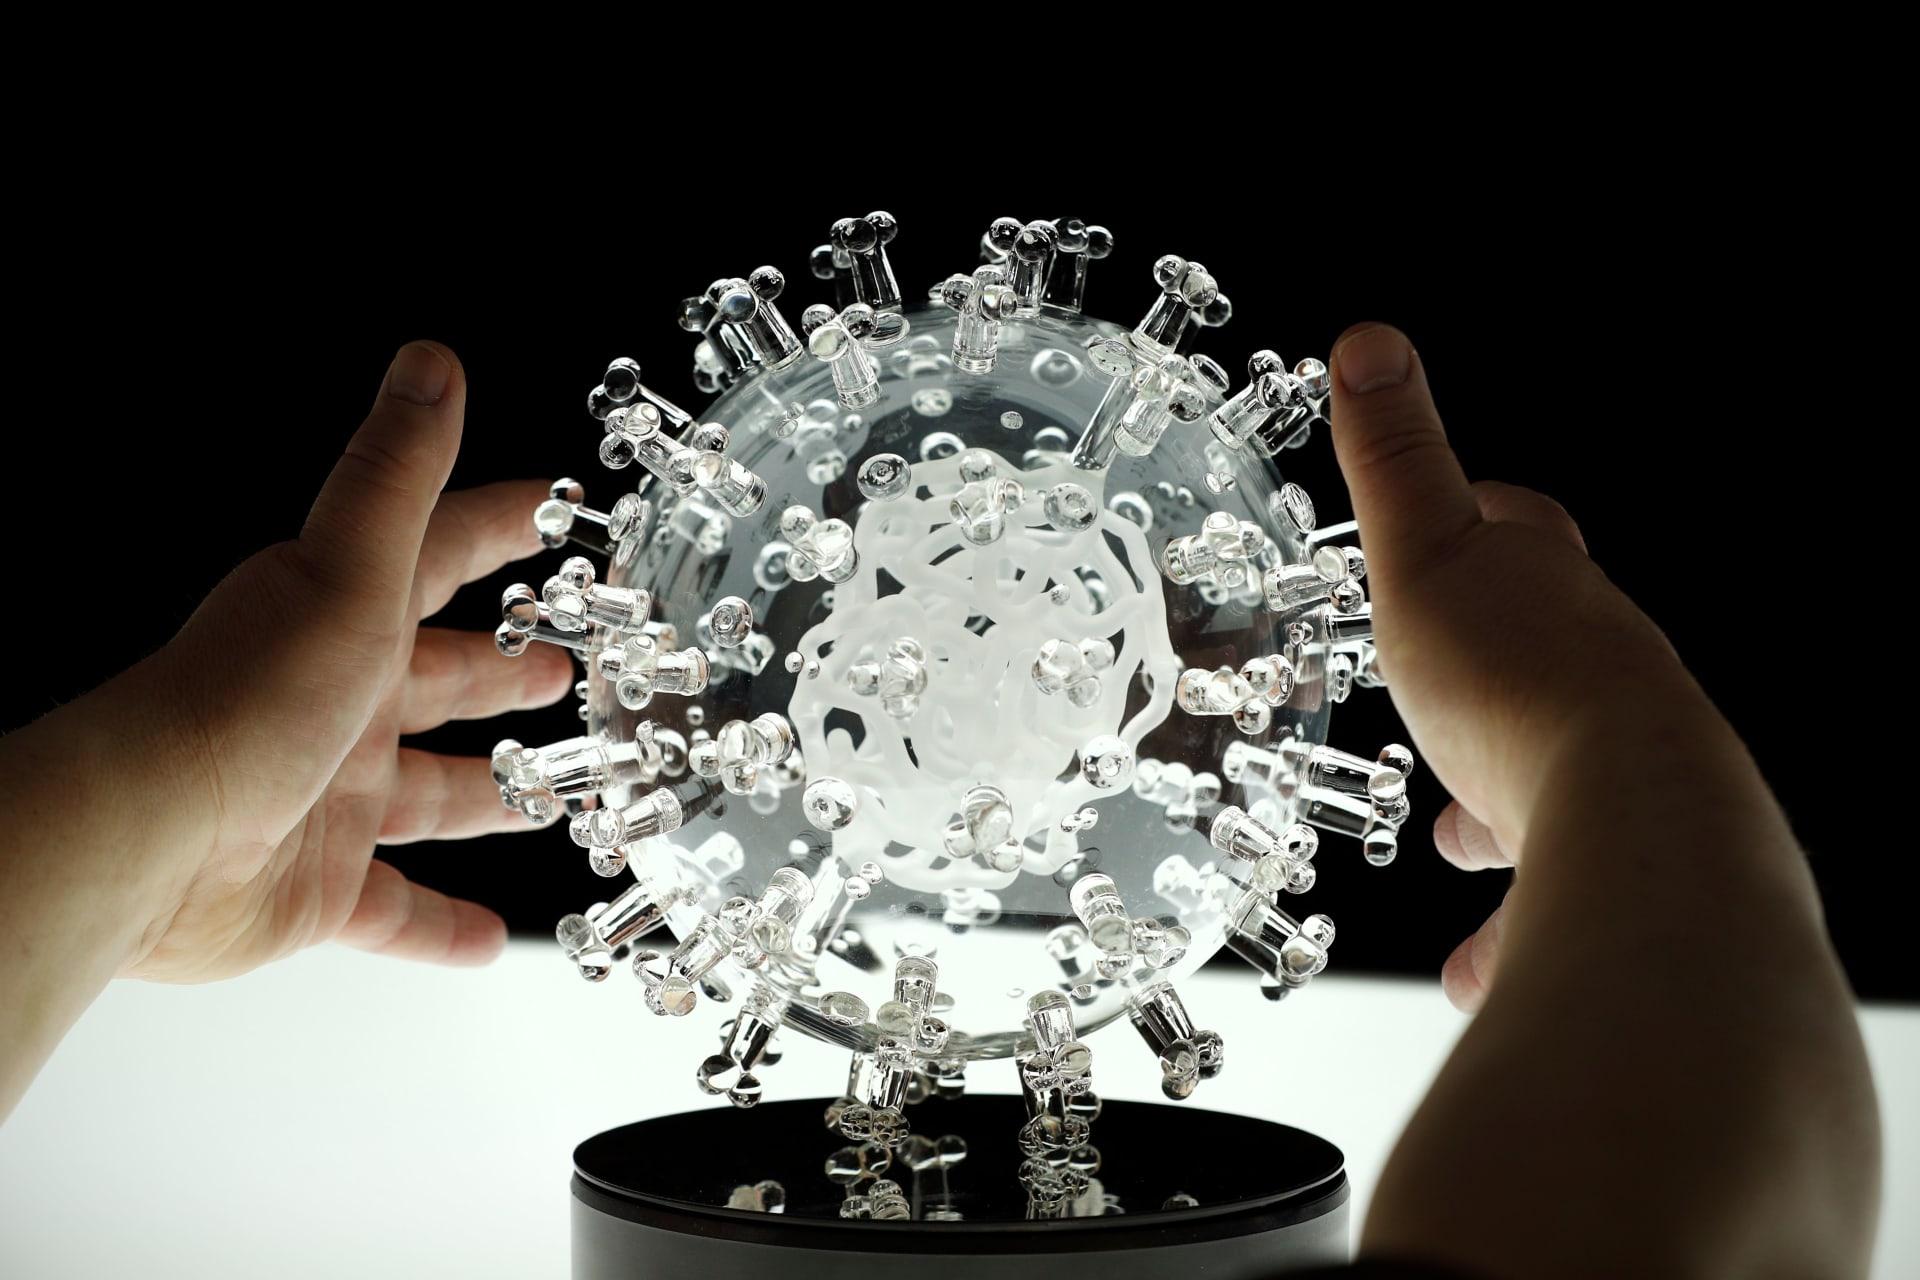 هل تعلم كيف يبدو فيروس كورونا في الحقيقة؟ فنان بريطاني يبين ذلك